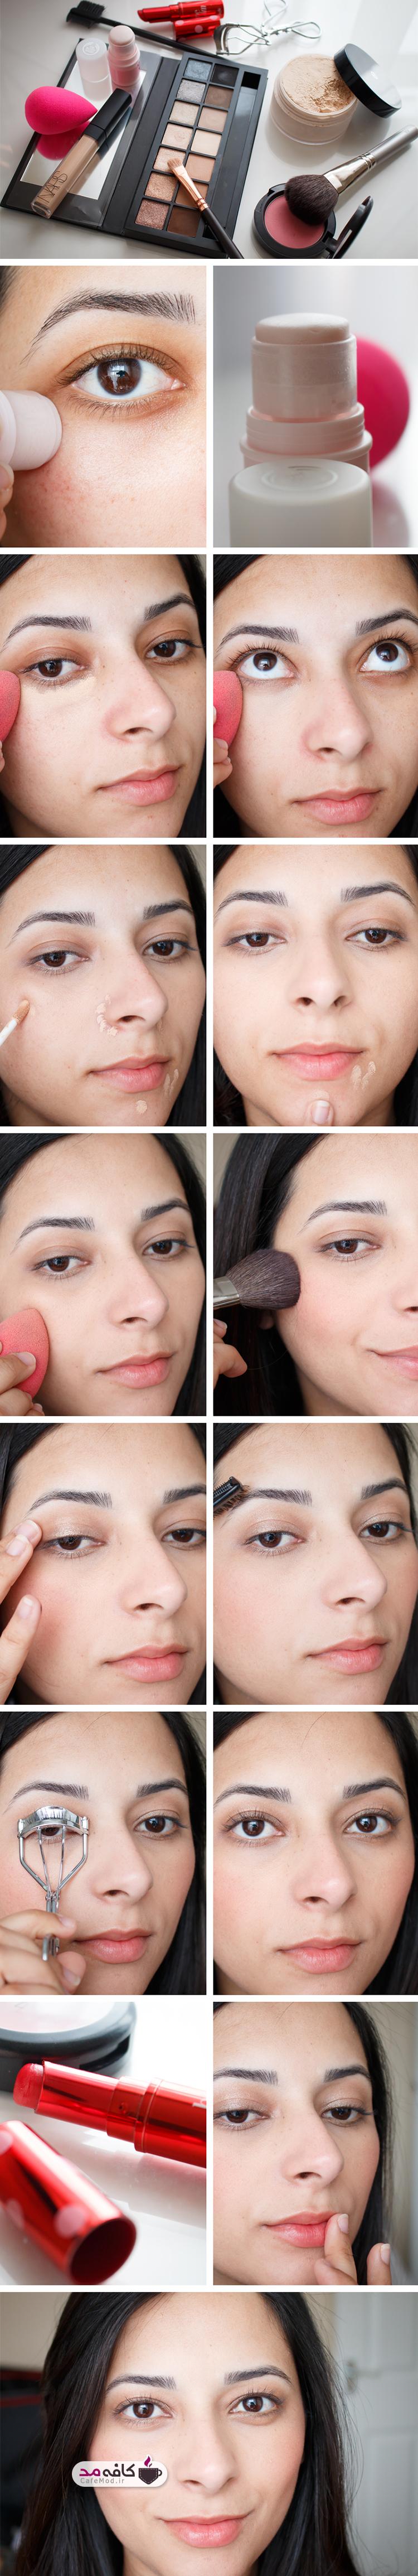 آموزش آرایش چهره ملایم و ساده